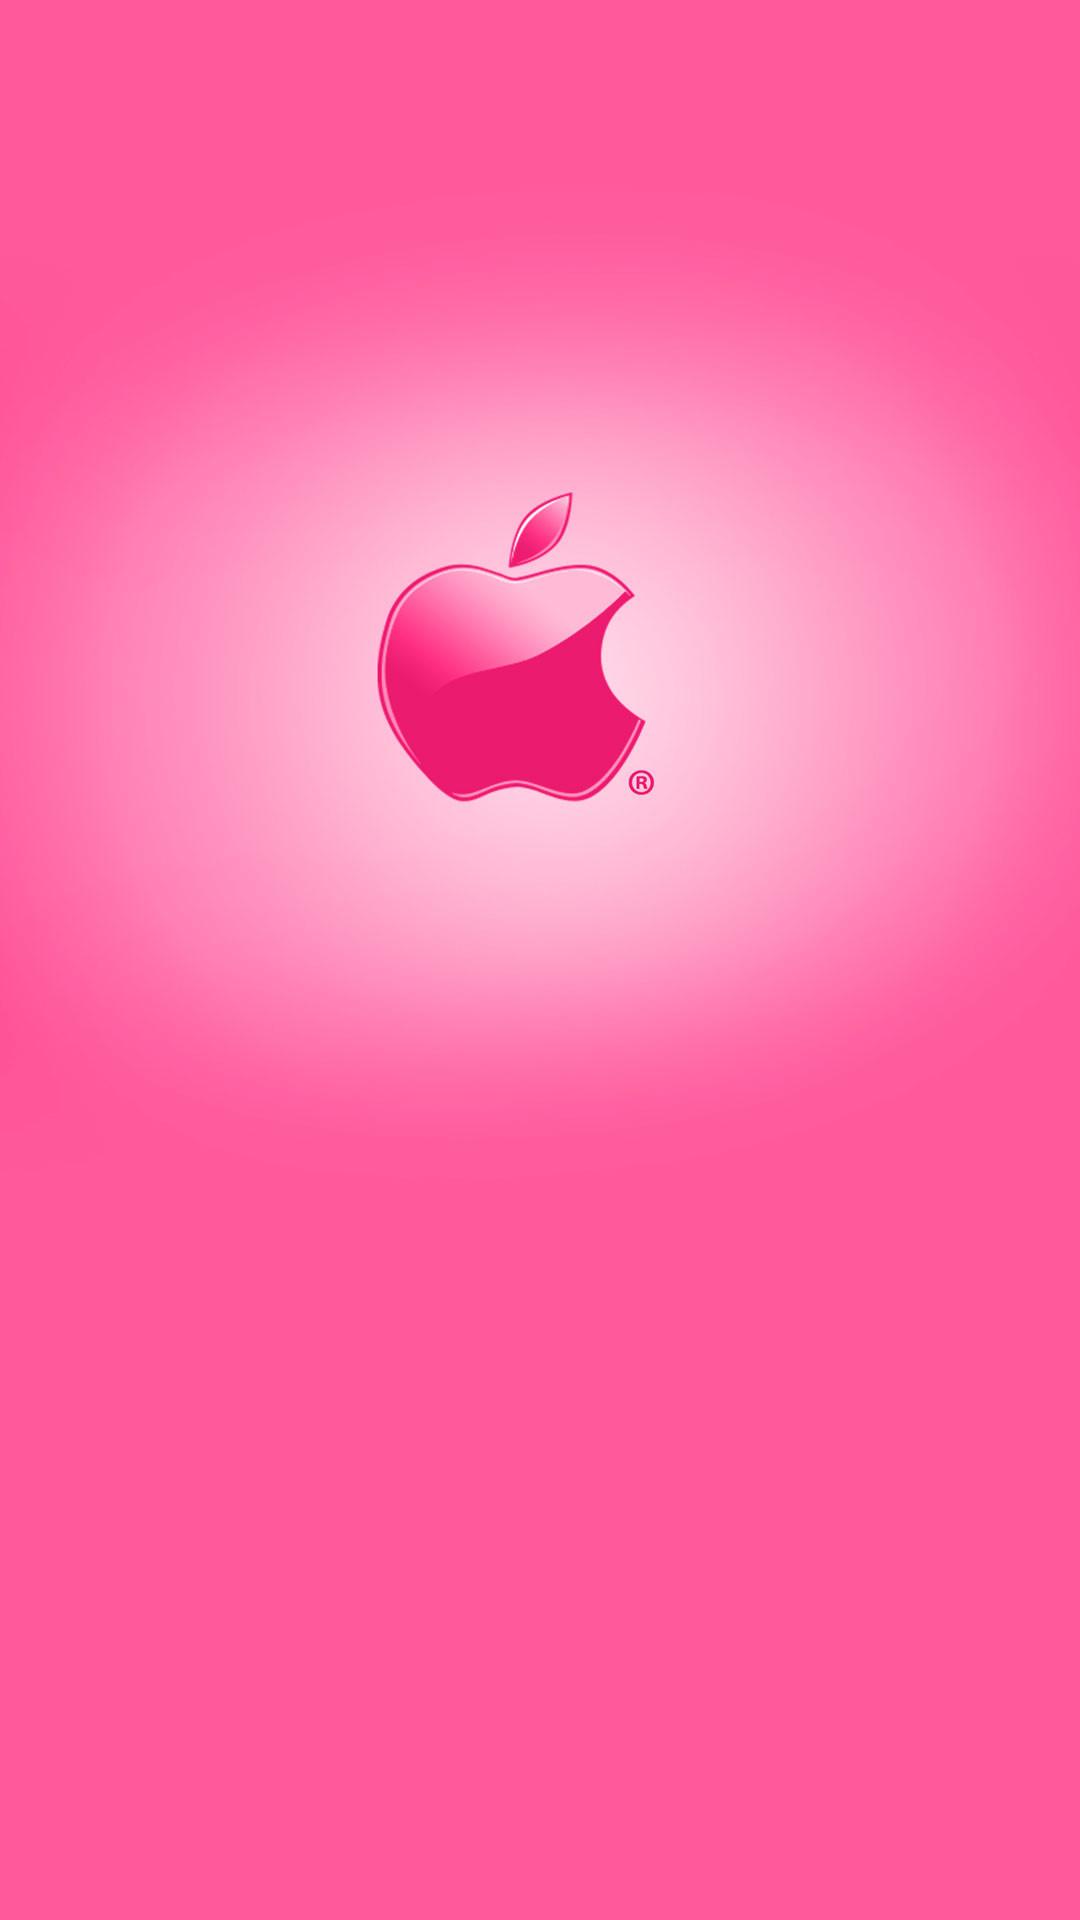 Cellphone wallpaper · Cute pink Apple